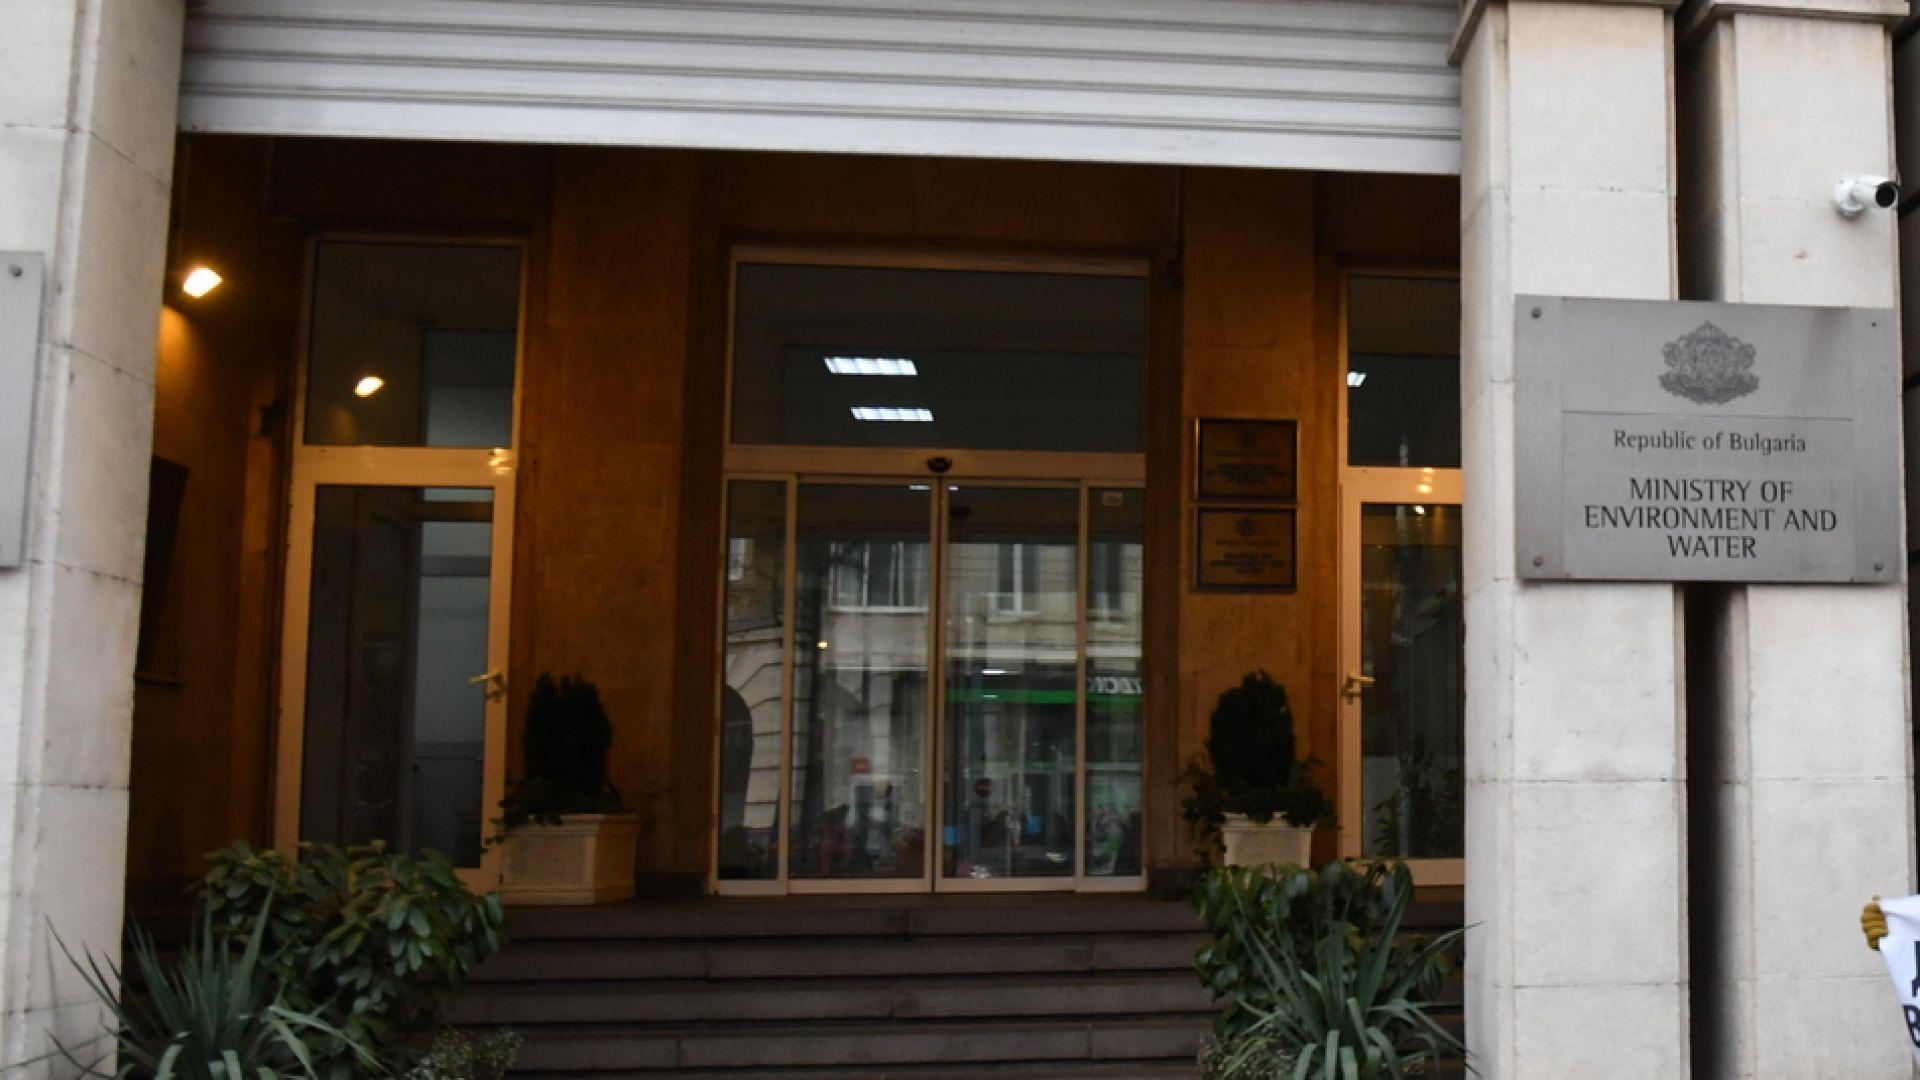 АДФИ влезе в МОСВ заради дефицит от 10 млн. лв.